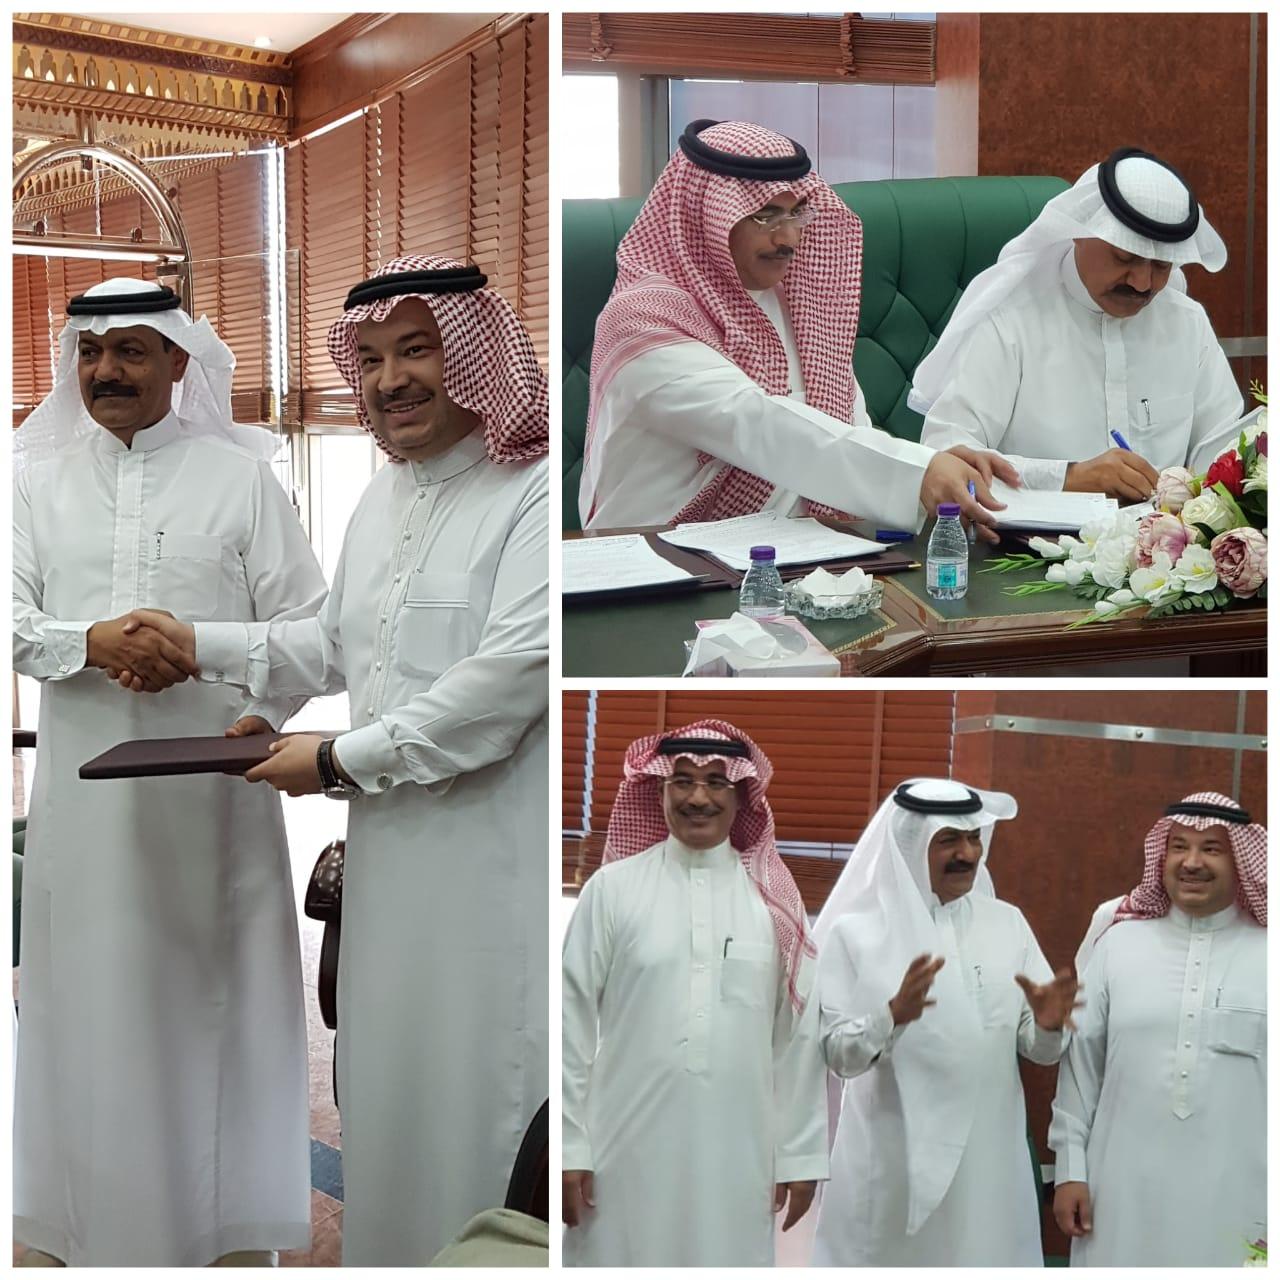 توقيع عقد انشاء وتشغيل فندق/ كونكورد الجوف فئة خمس نجوم